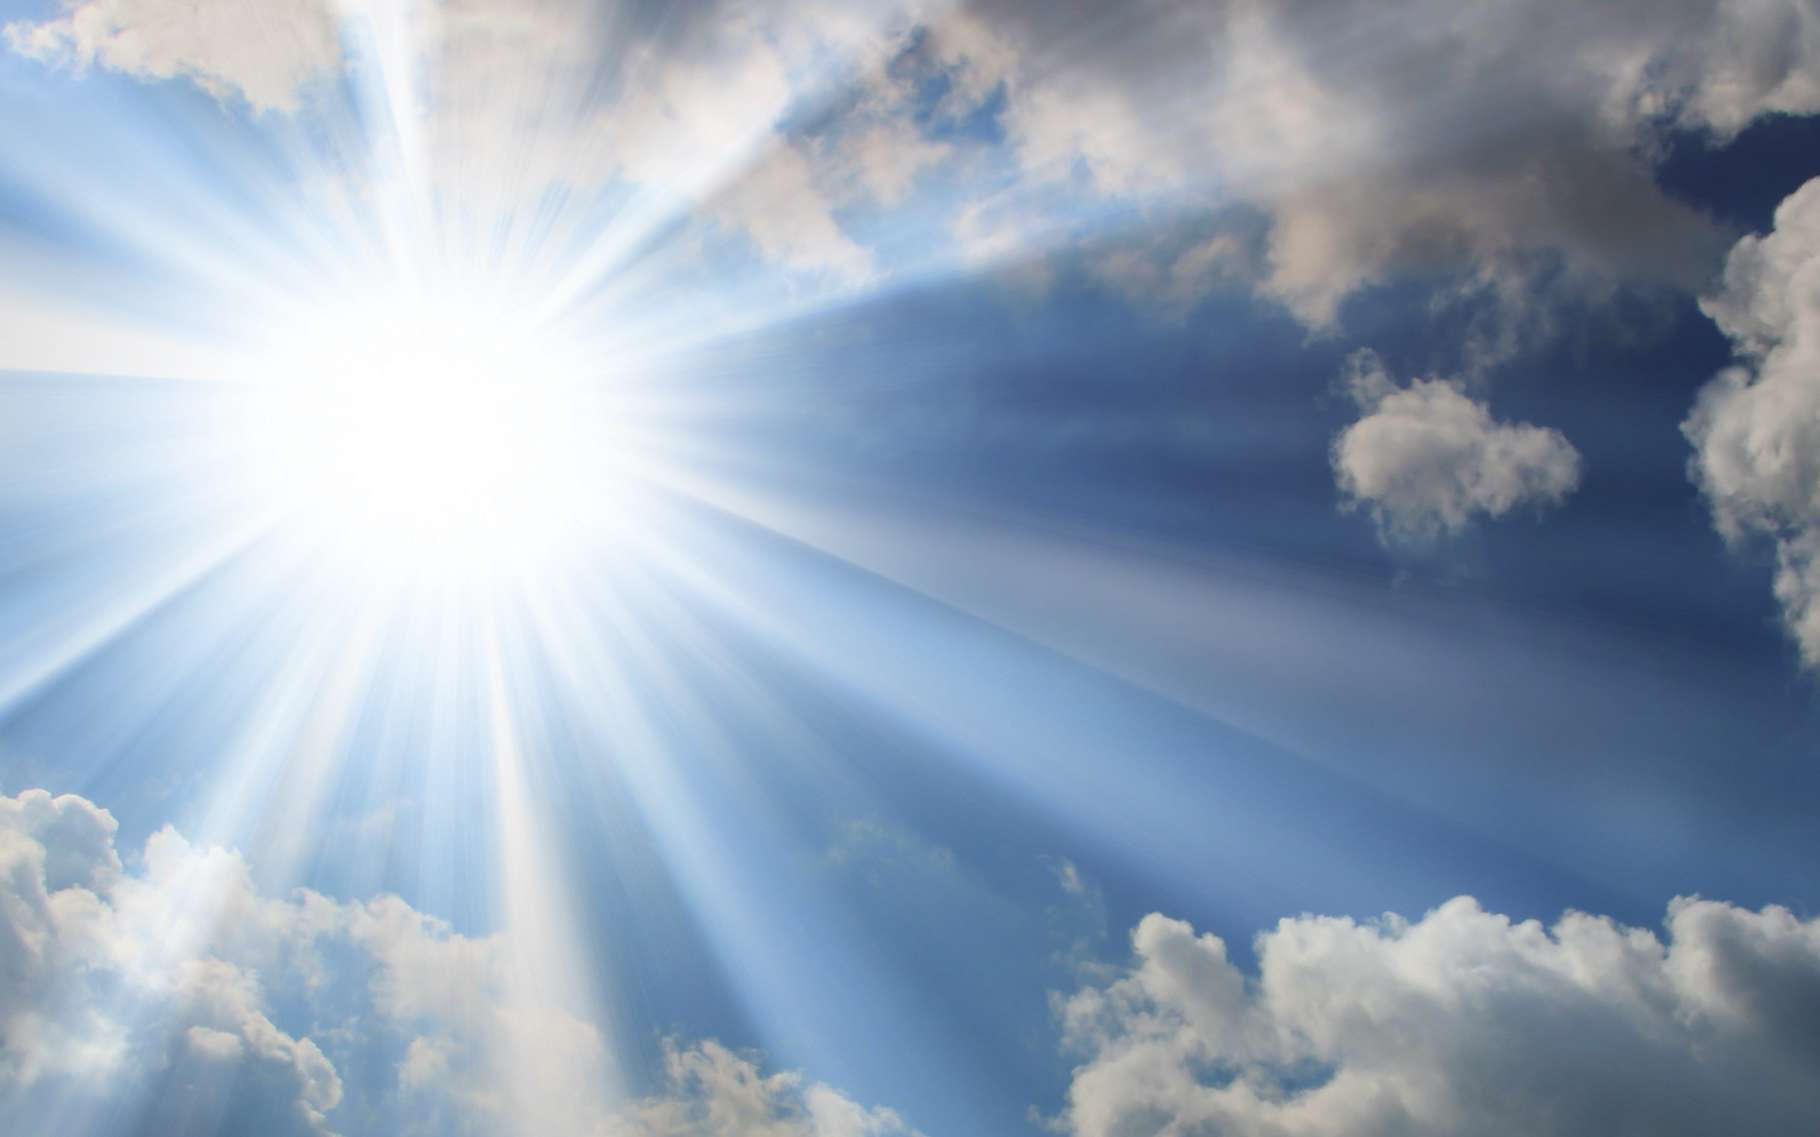 De nouveaux modèles climatiques simulant la dynamique des nuages dans un contexte de réchauffement laissent penser que les prévisions en matière de hausse des températures ont été sous-estimées. © Lulu Berlu, Adobe Stock